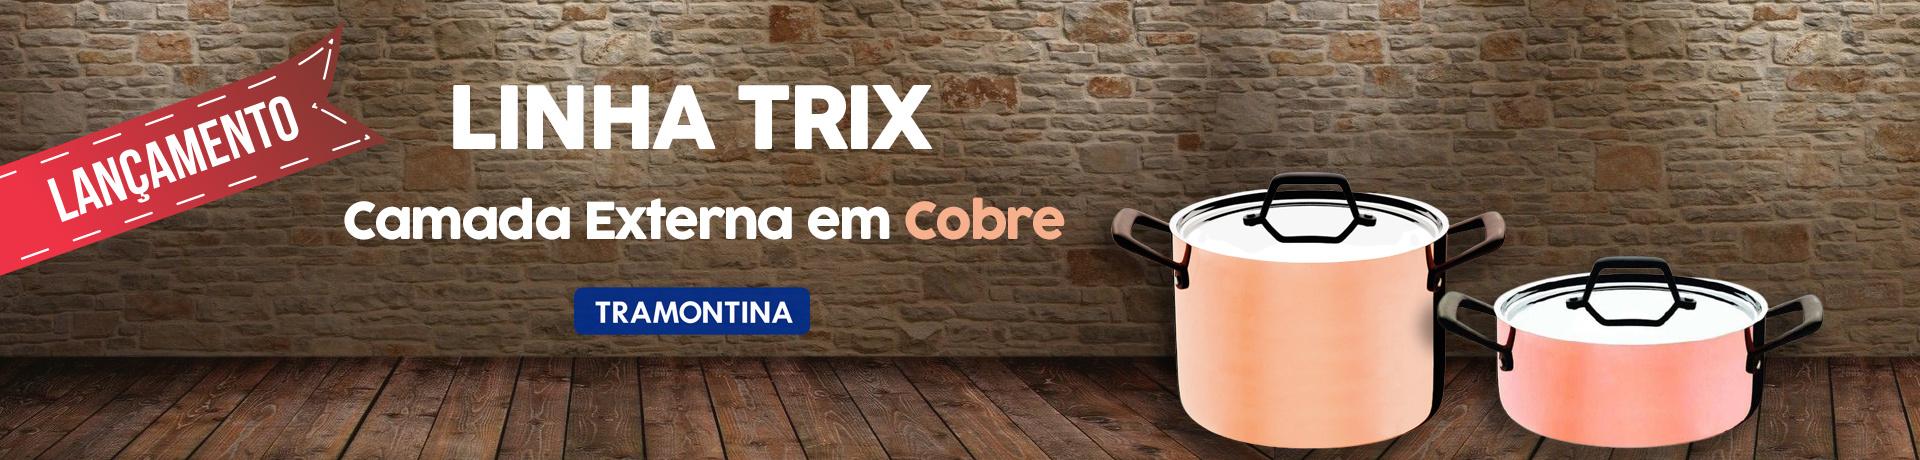 Linha Trix